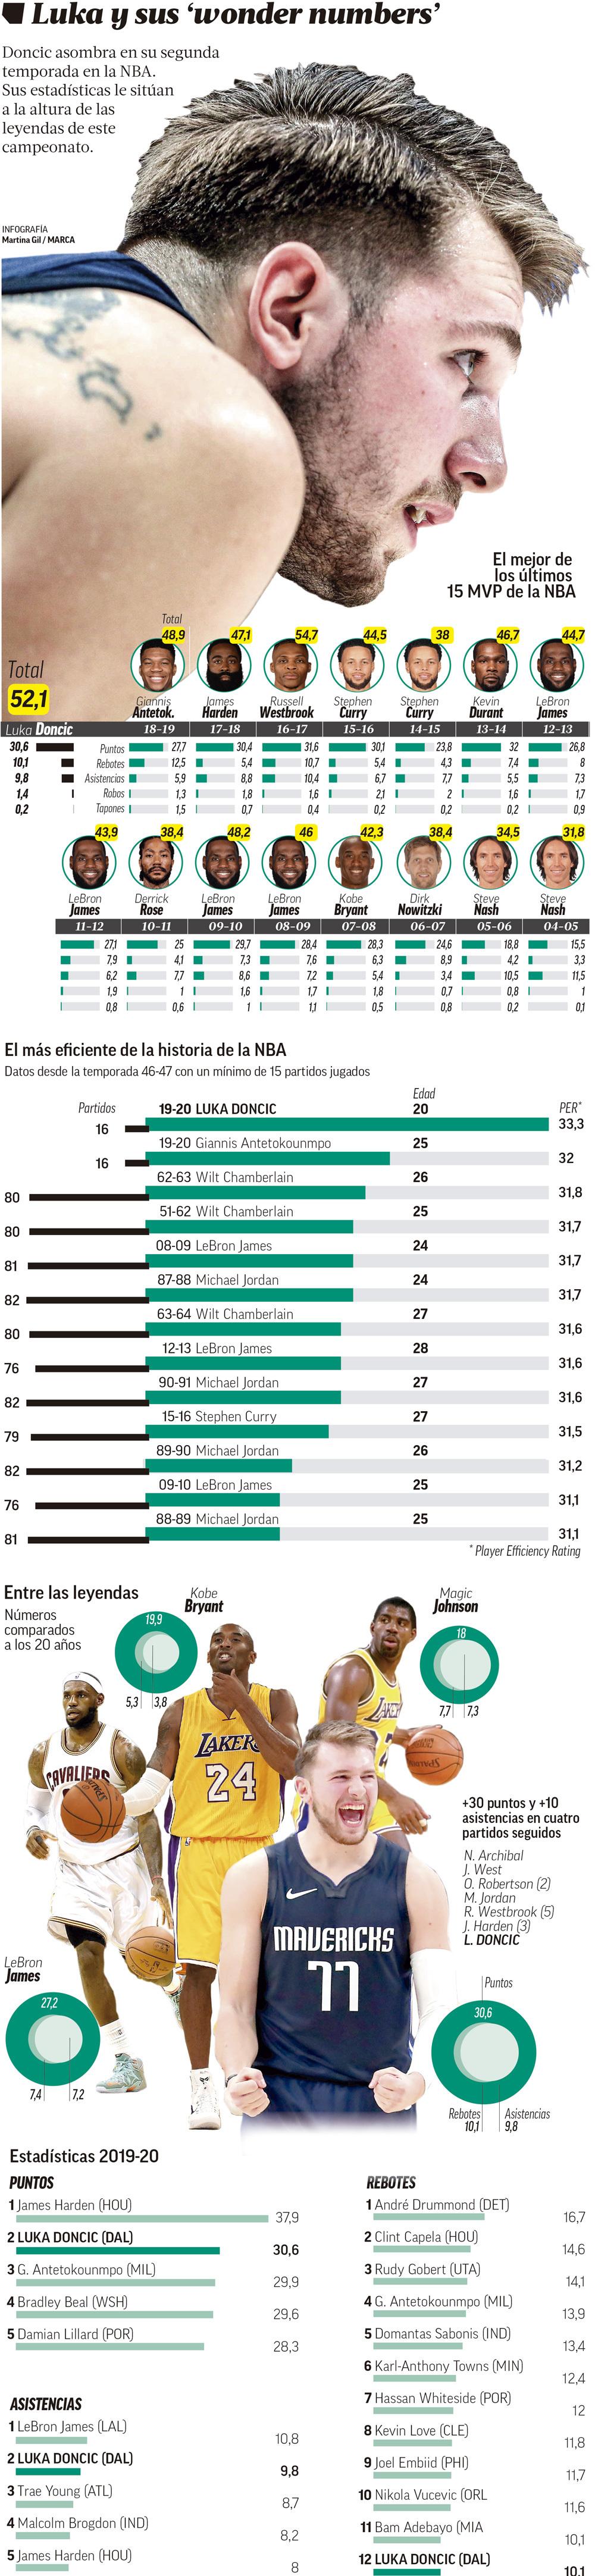 Infografía con los números de Doncic